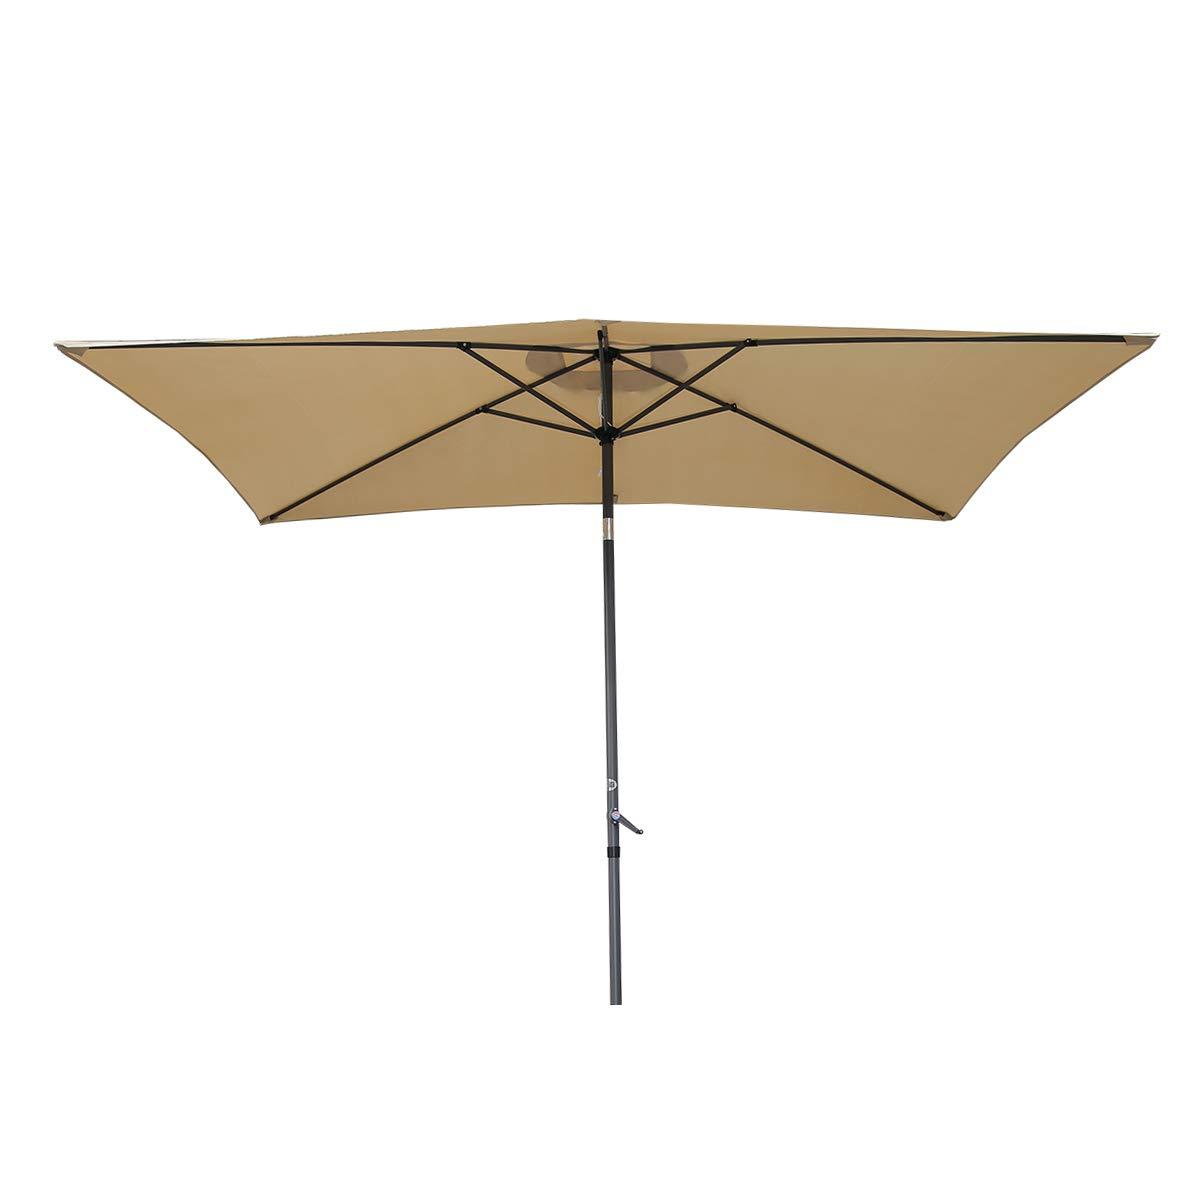 Angel Living 2x3M Sombrilla Parasol de Aluminio y Poliéster, Parasol Inclinado con Manivela, Mástil Aluminio 38mm (Beige): Amazon.es: Jardín